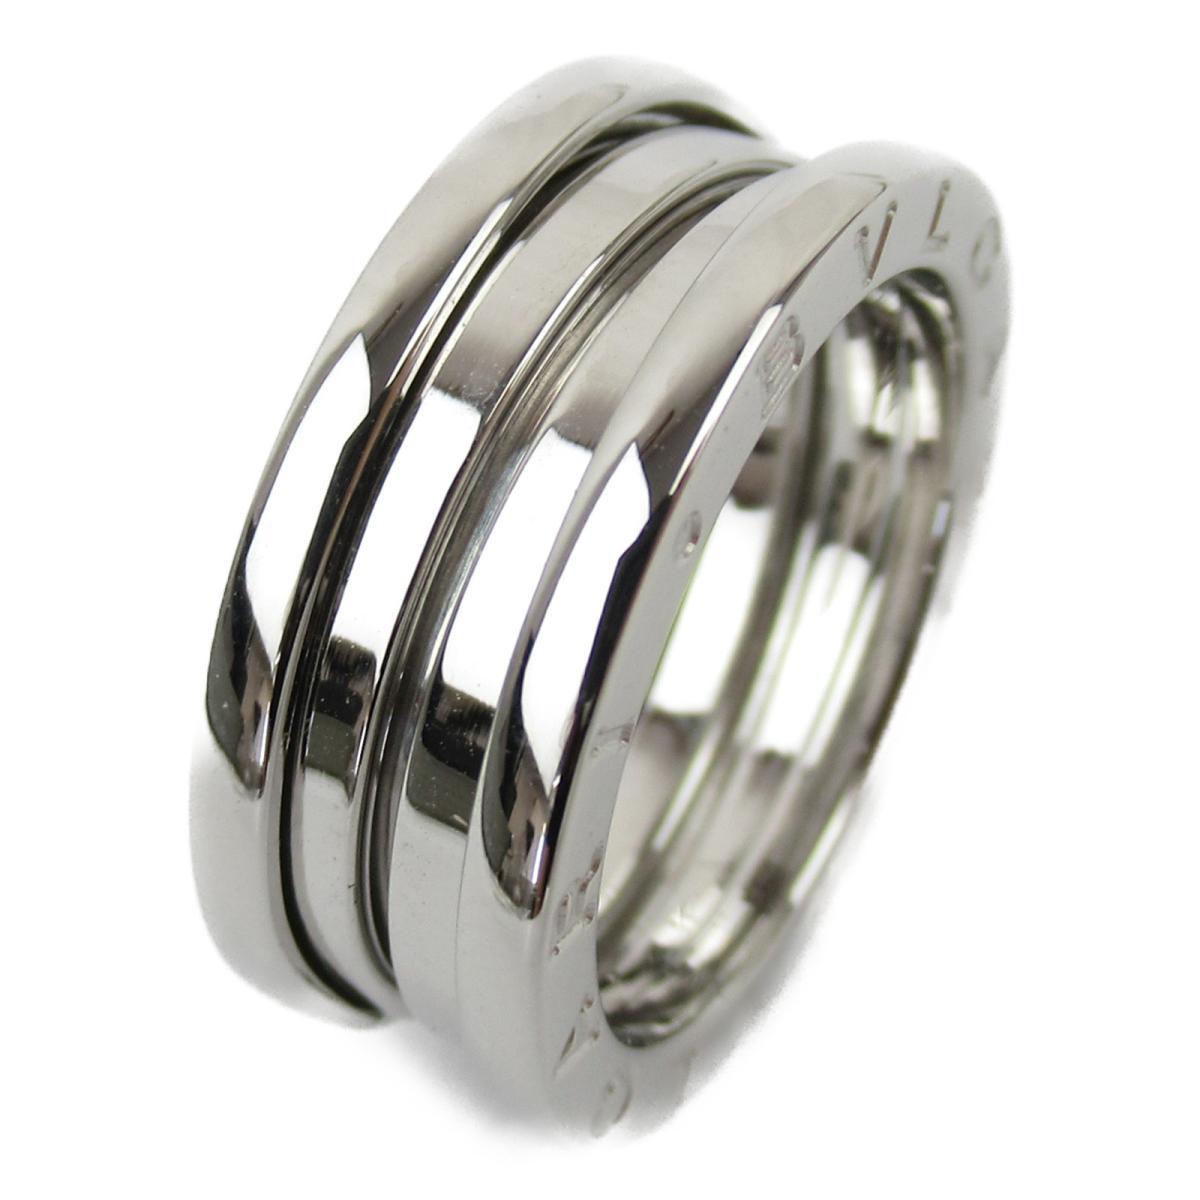 ブルガリ B-zero1 ビーゼロワン リング Sサイズ 指輪 ブランドジュエリー レディース K18WG (750) ホワイトゴールド 【中古】 | BVLGARI BRANDOFF ブランドオフ ブランド ジュエリー アクセサリー